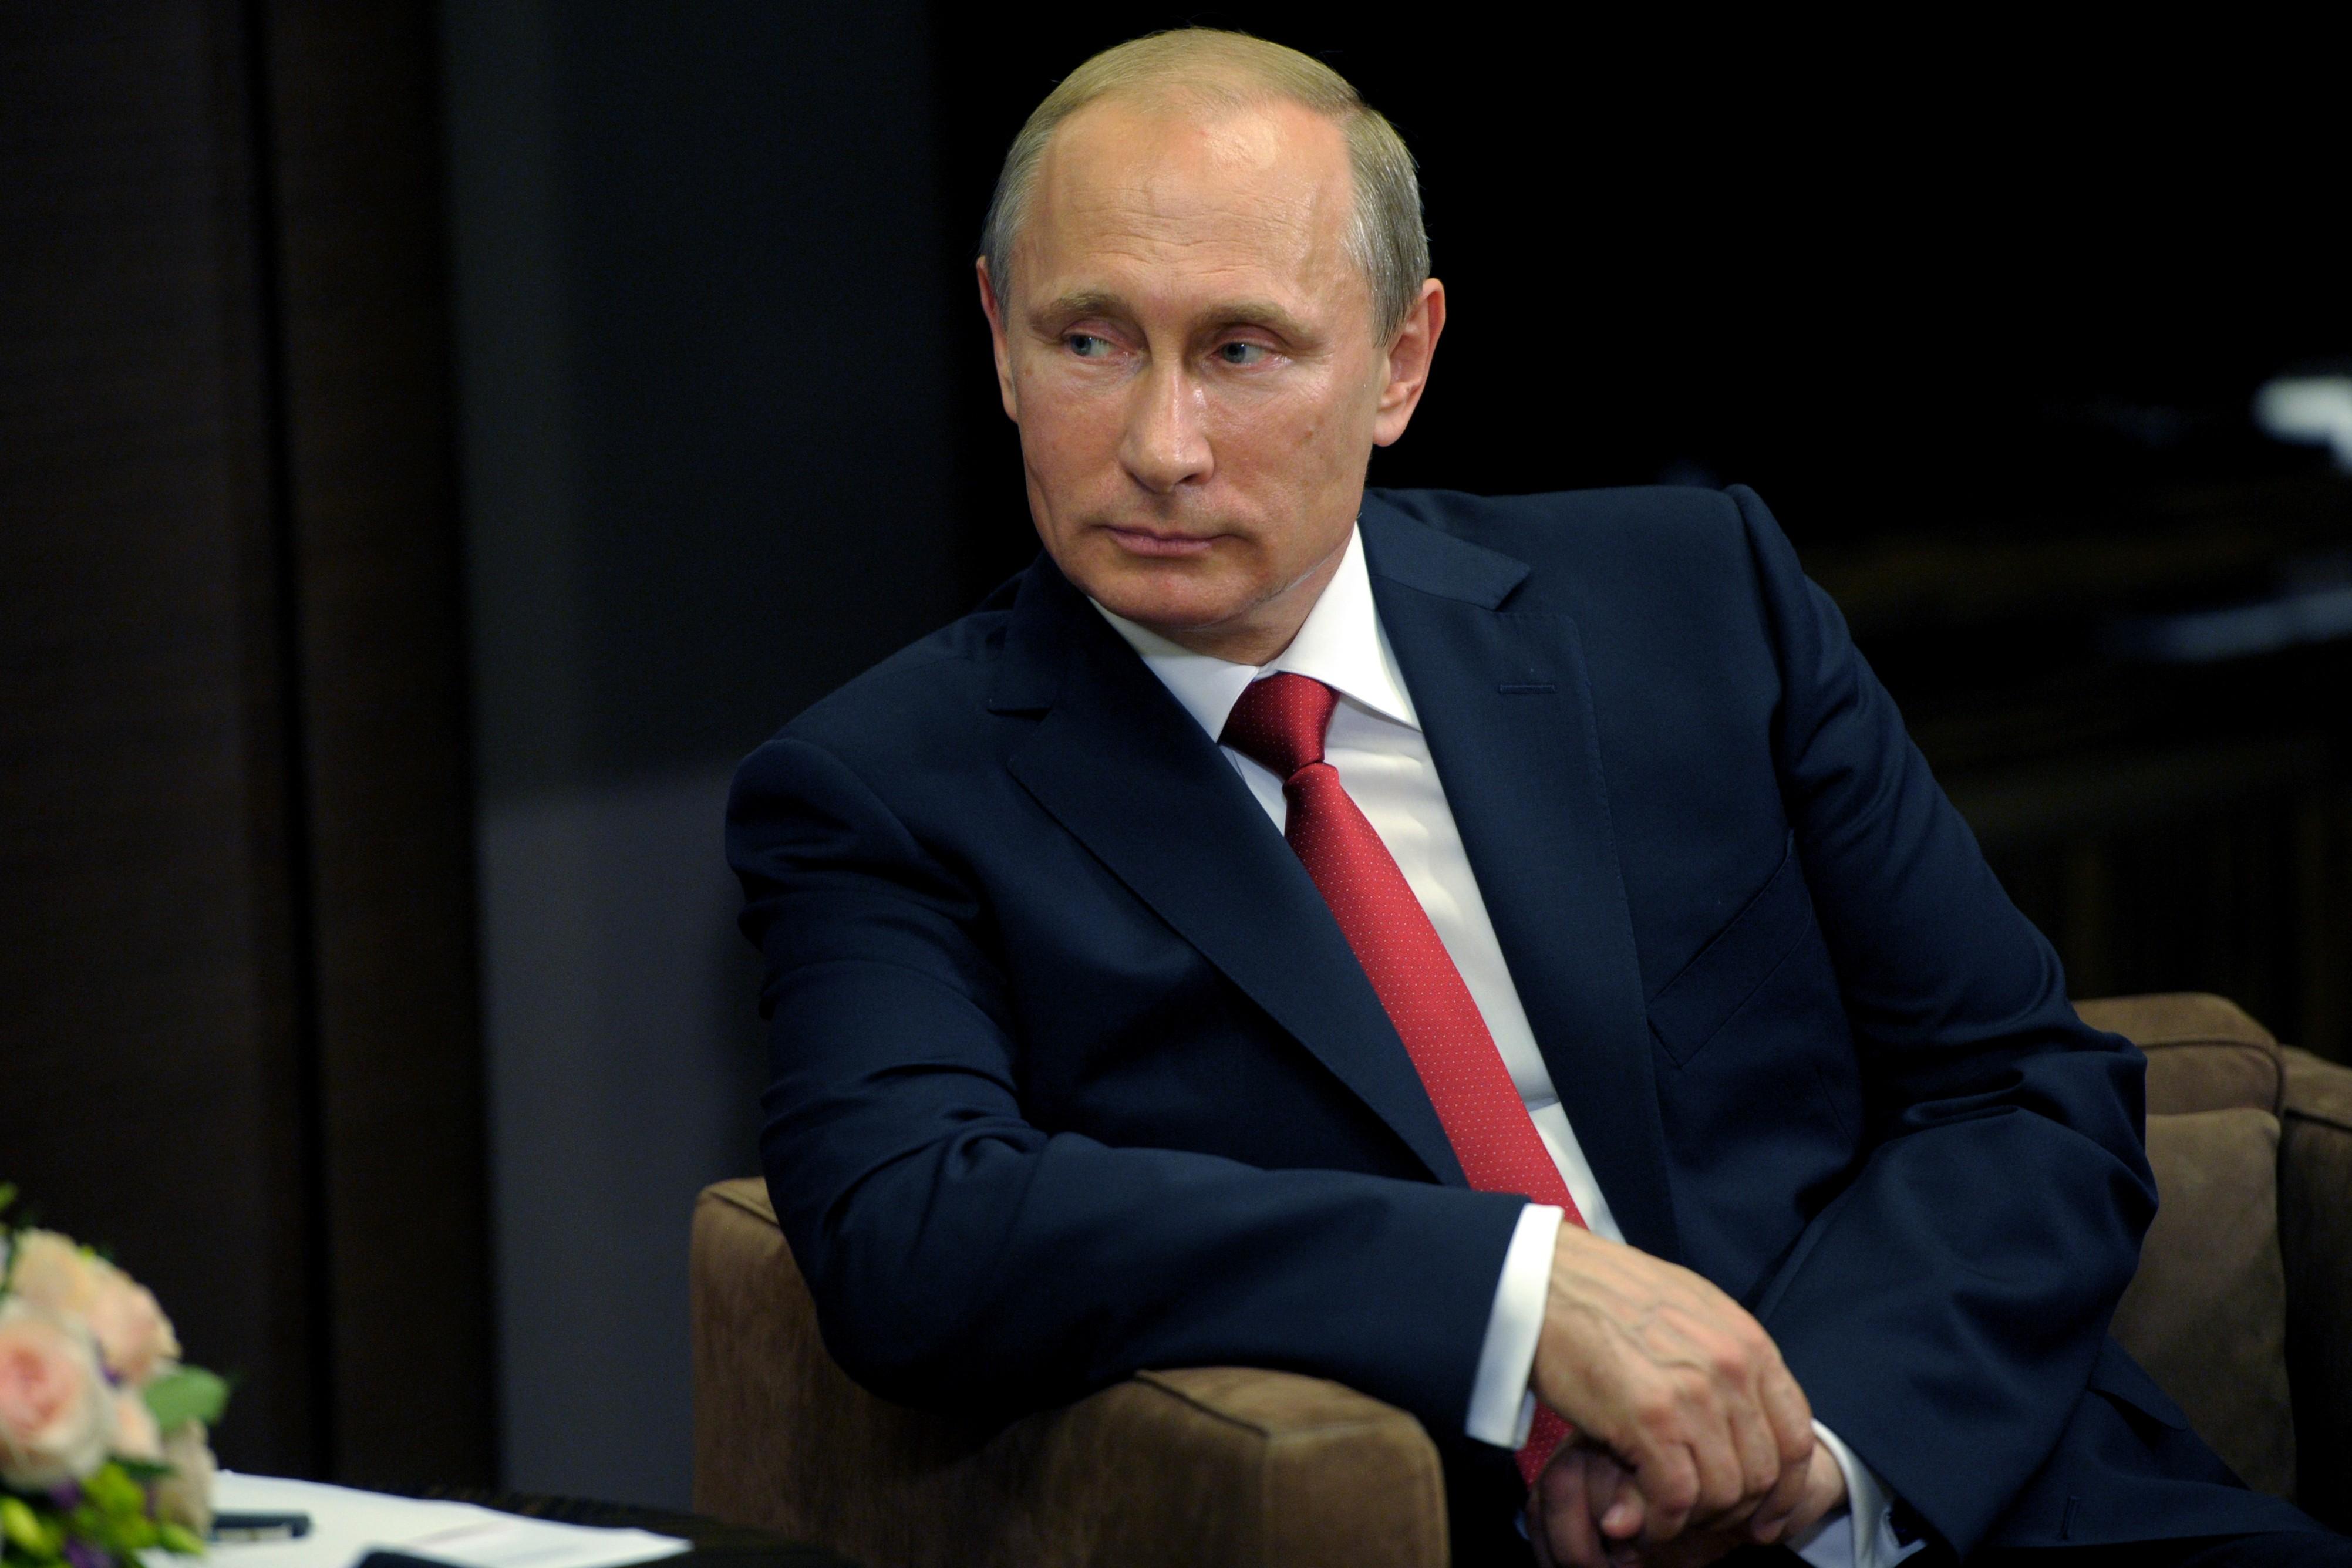 Людмила Путина: «Моего мужа давно нет в живых». Слухи о подмене президента